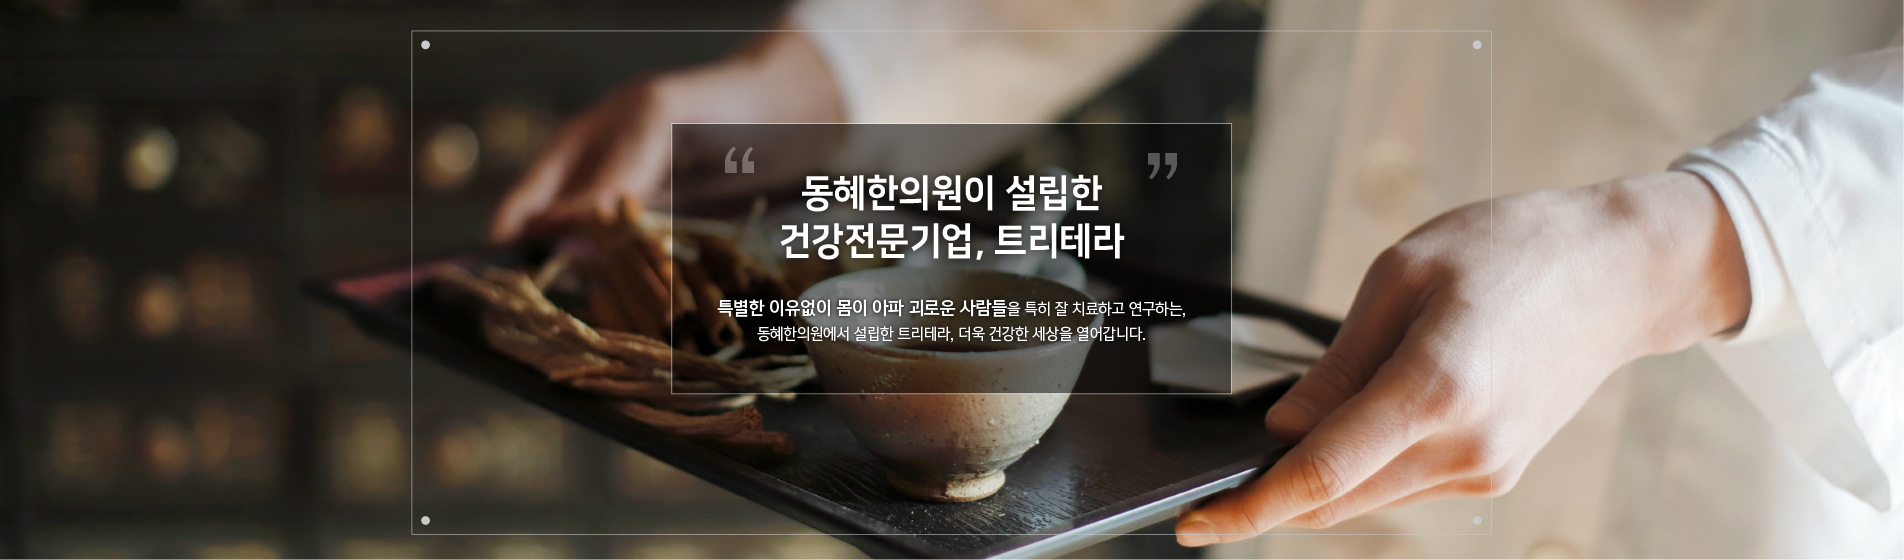 레이아웃_회사소개_내부_이미지001.jpg